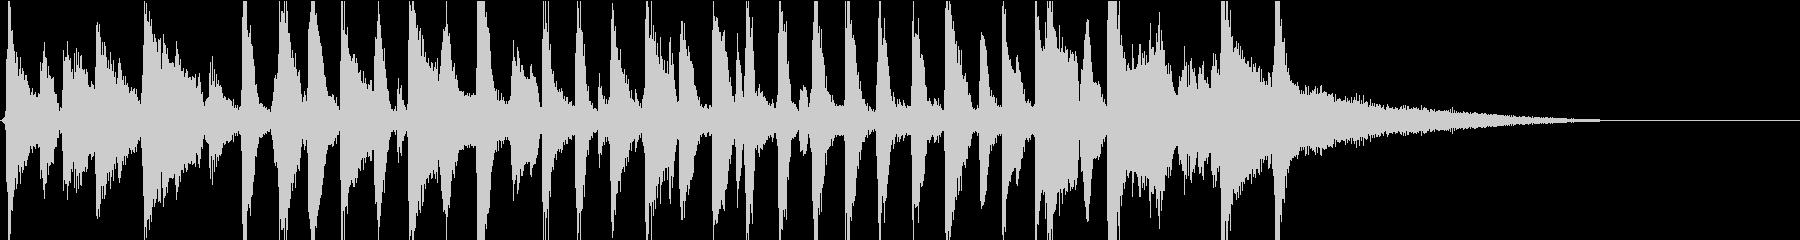 陽気なピアノオールドジャズバンドジングルの未再生の波形